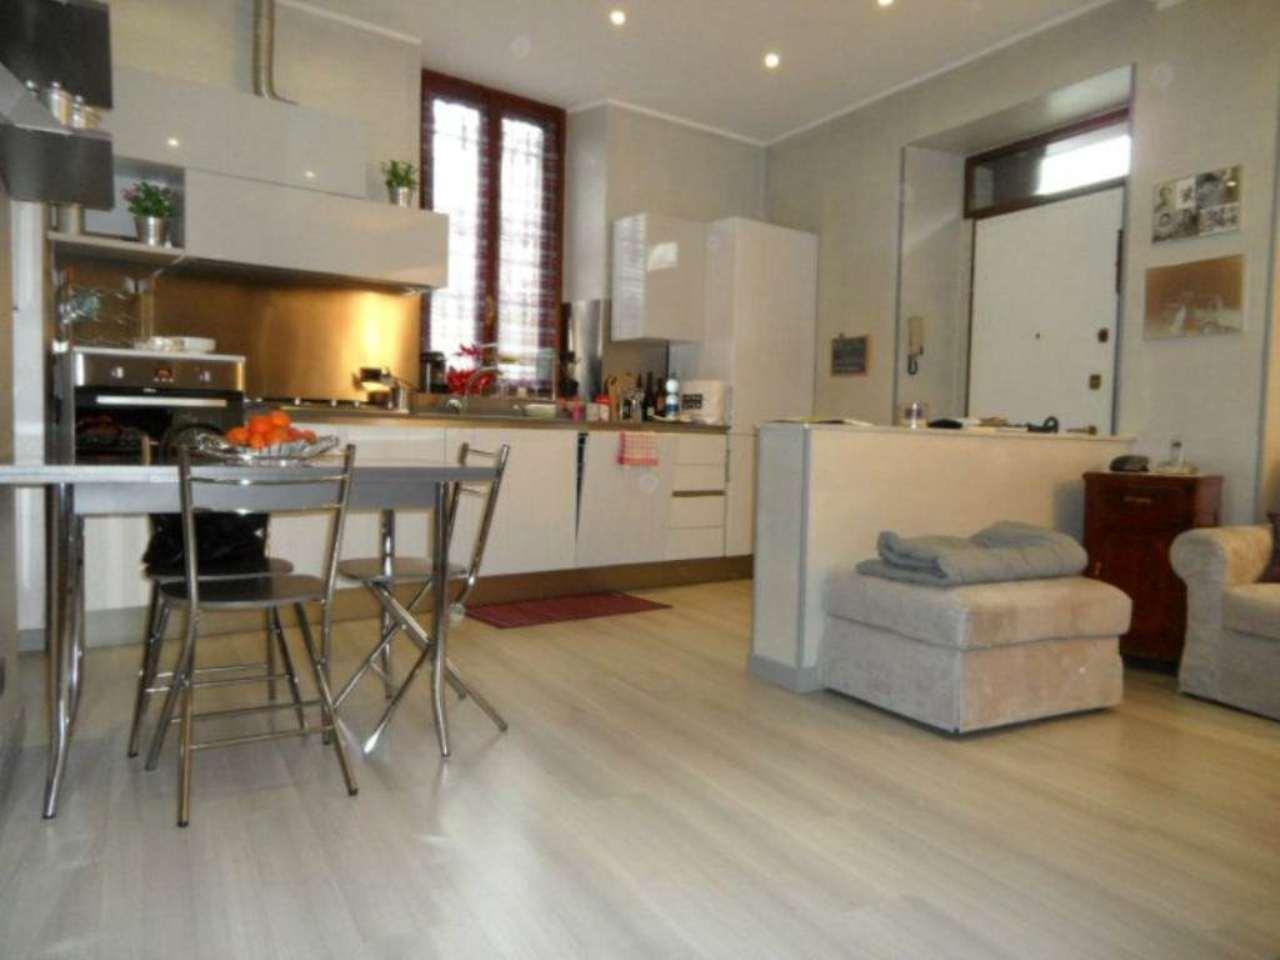 Appartamento in vendita a Albano Sant'Alessandro, 2 locali, prezzo € 61.000 | Cambio Casa.it